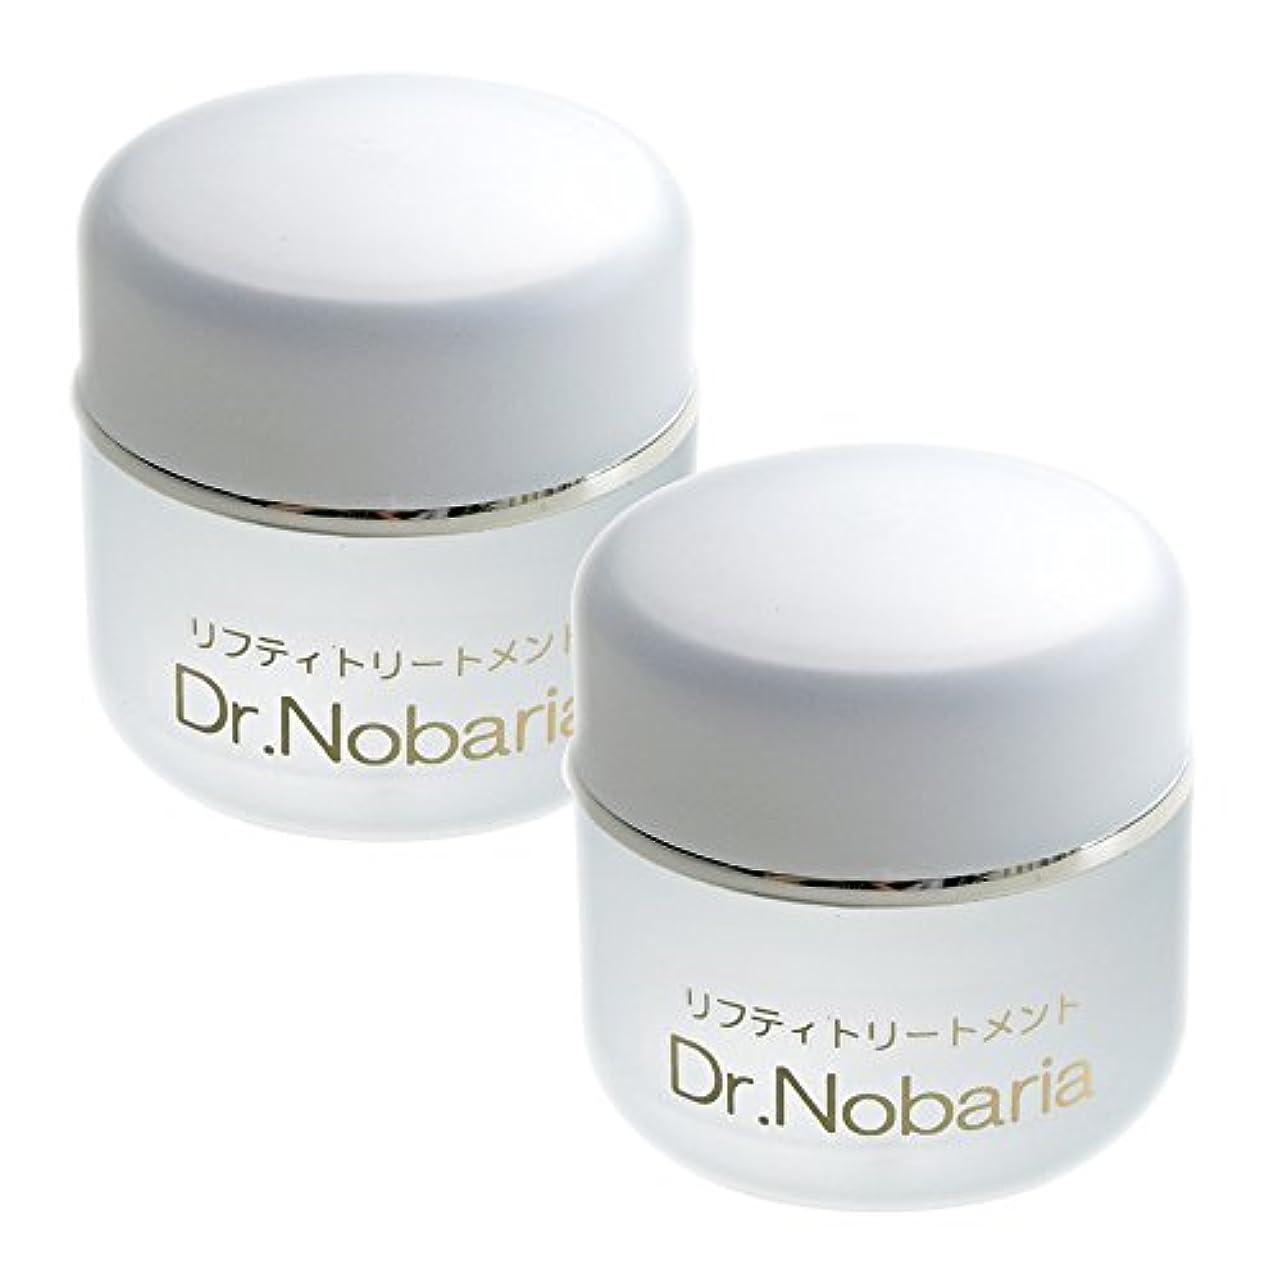 ボス叙情的な疑問を超えてNatural Pure ノバリアスキンケア ノバリアジェルクリーム 保湿 無香料 無着色 (30g×2個)